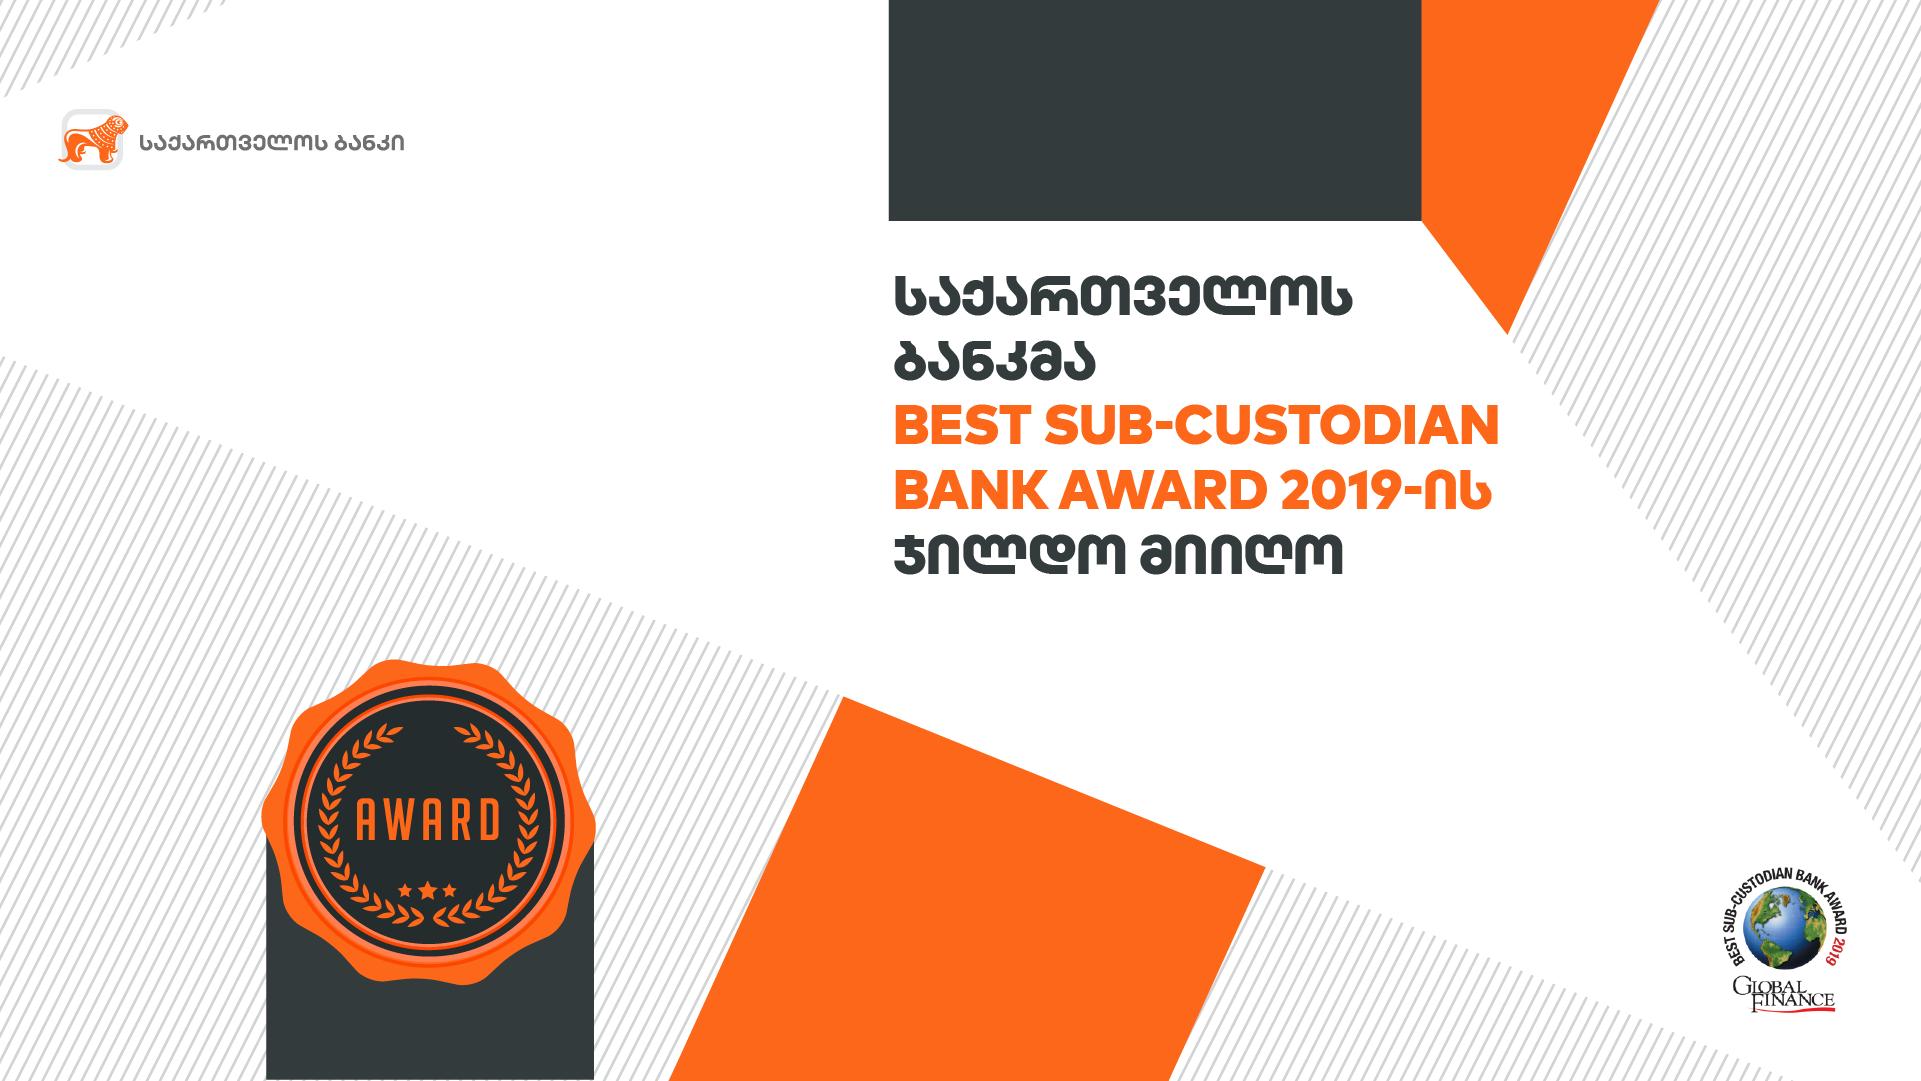 საქართველოს ბანკმა Global Finance-ის Best Sub-Custodian Bank Award 2019–ის  ჯილდო მიიღო